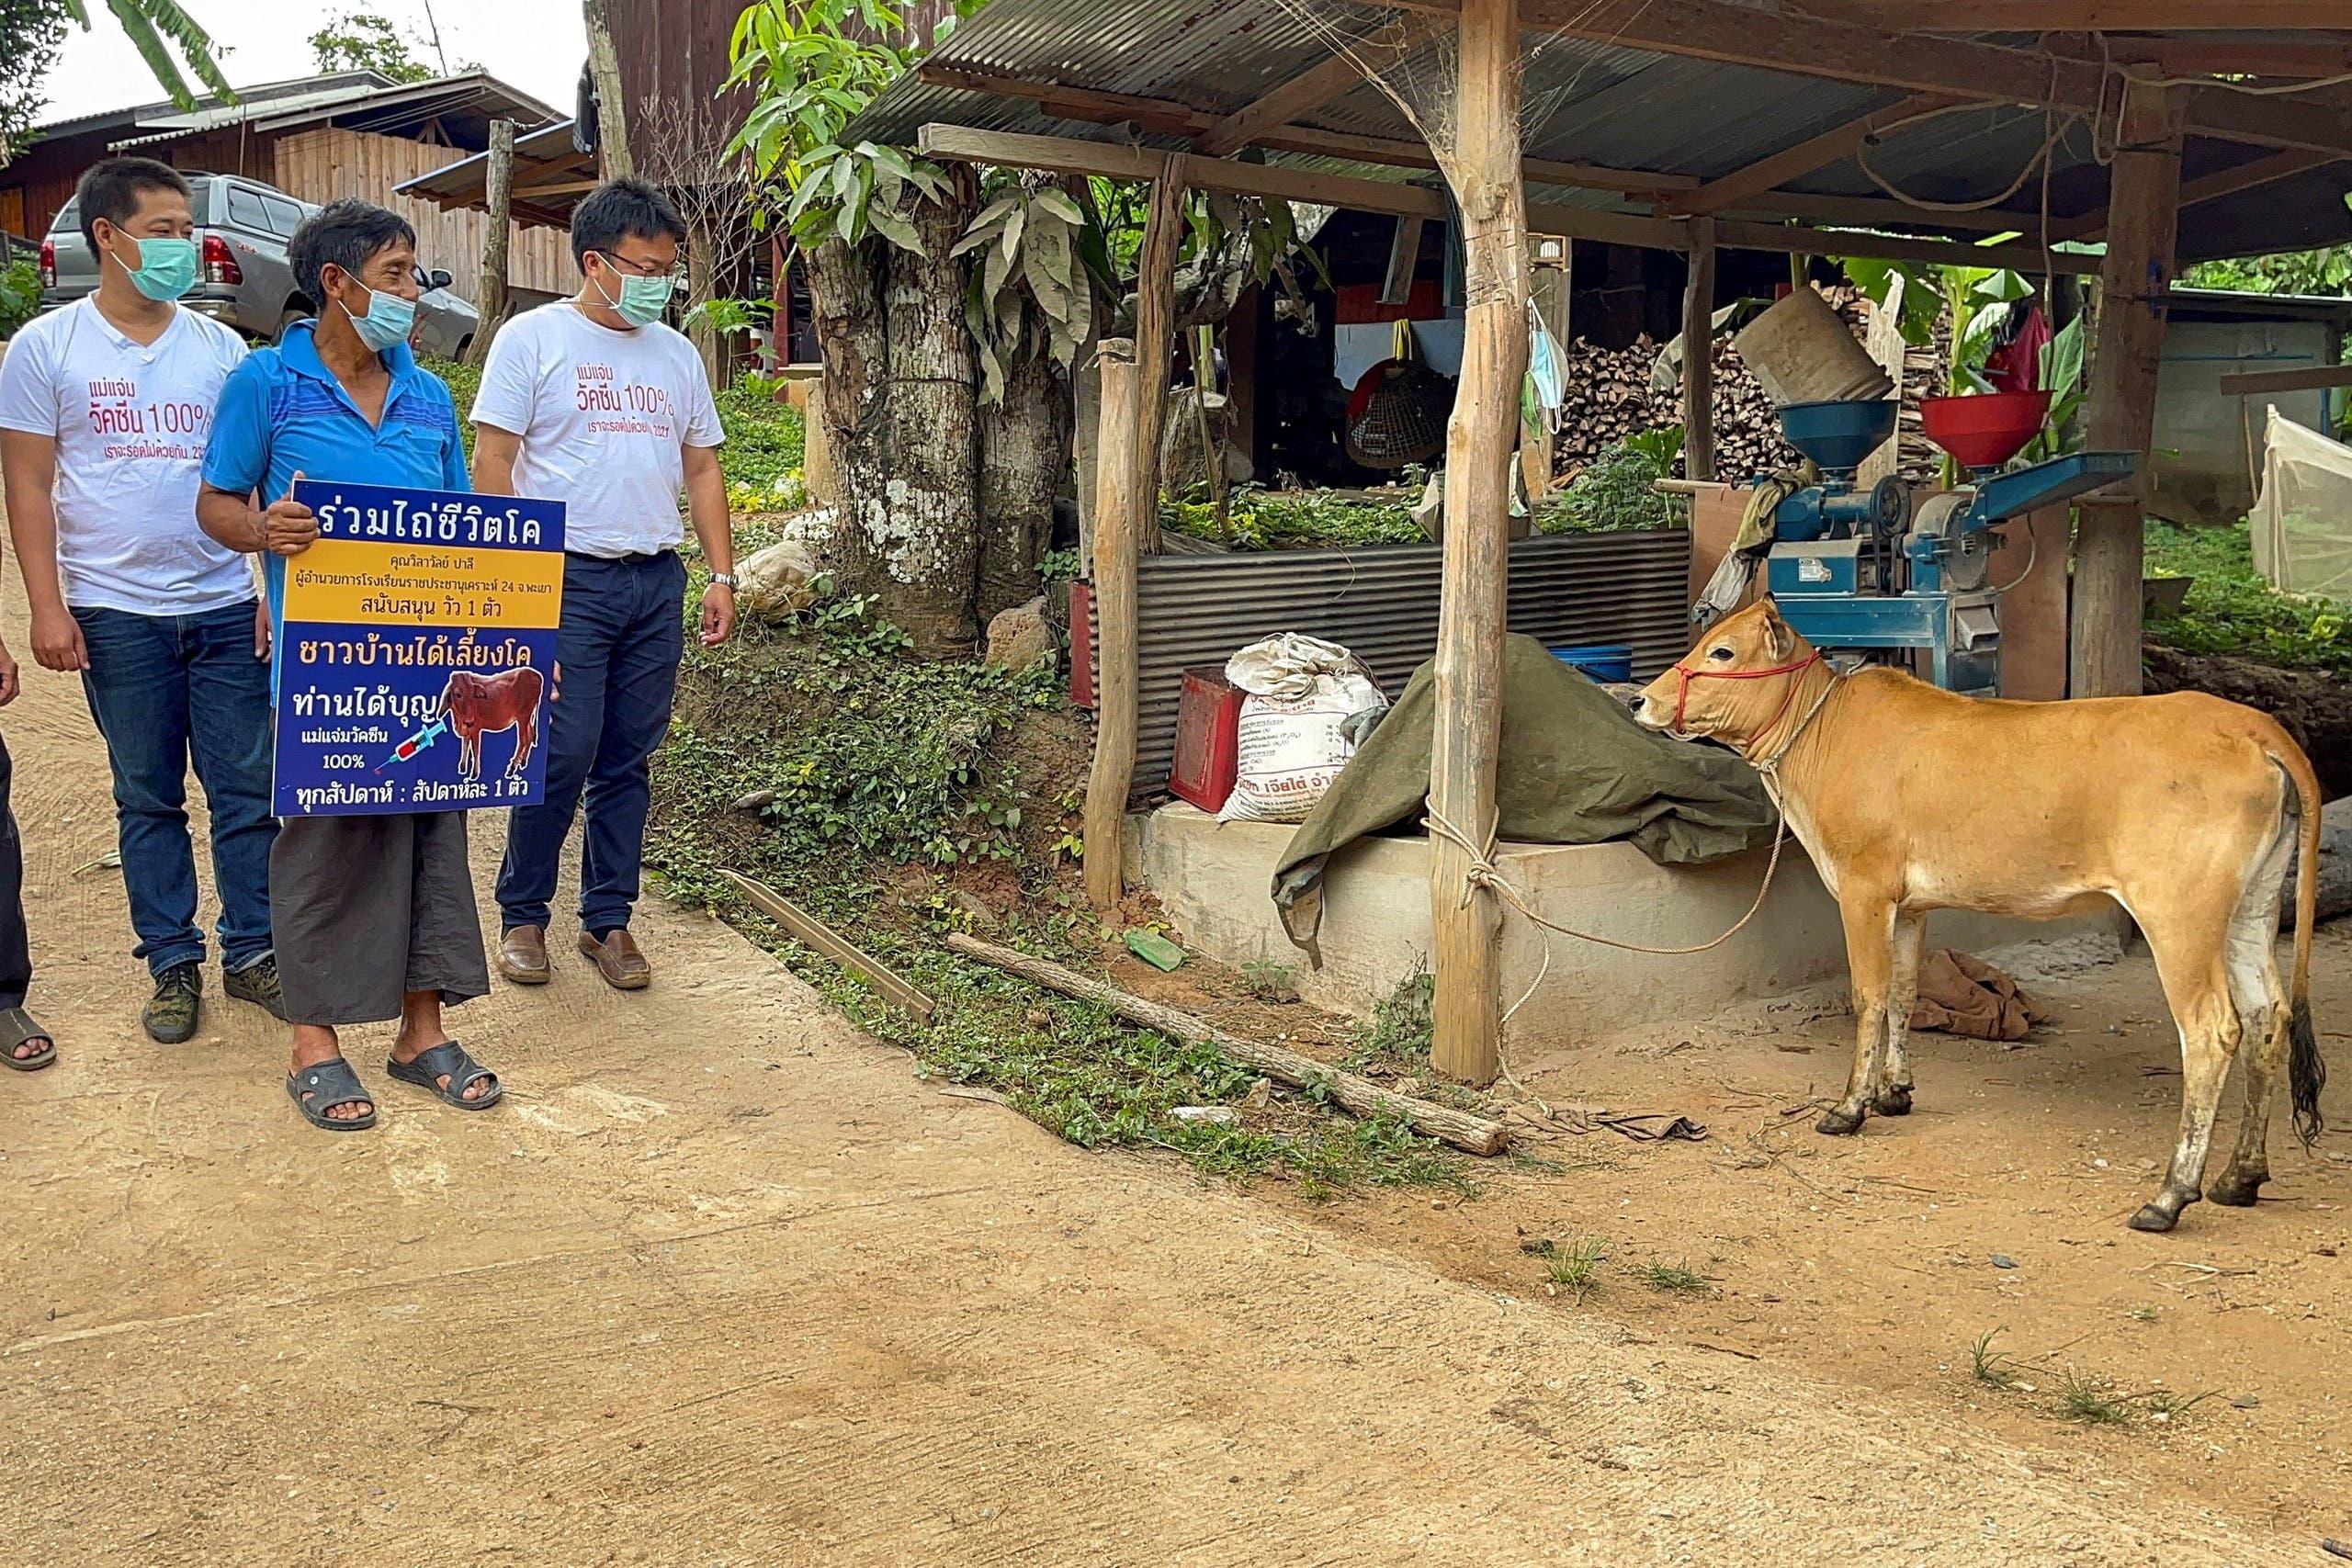 إنخام ثونجخام من تايلاند، فاز ببقرة تصل قيمتها إلى عشرة آلاف بات (320 دولارا)